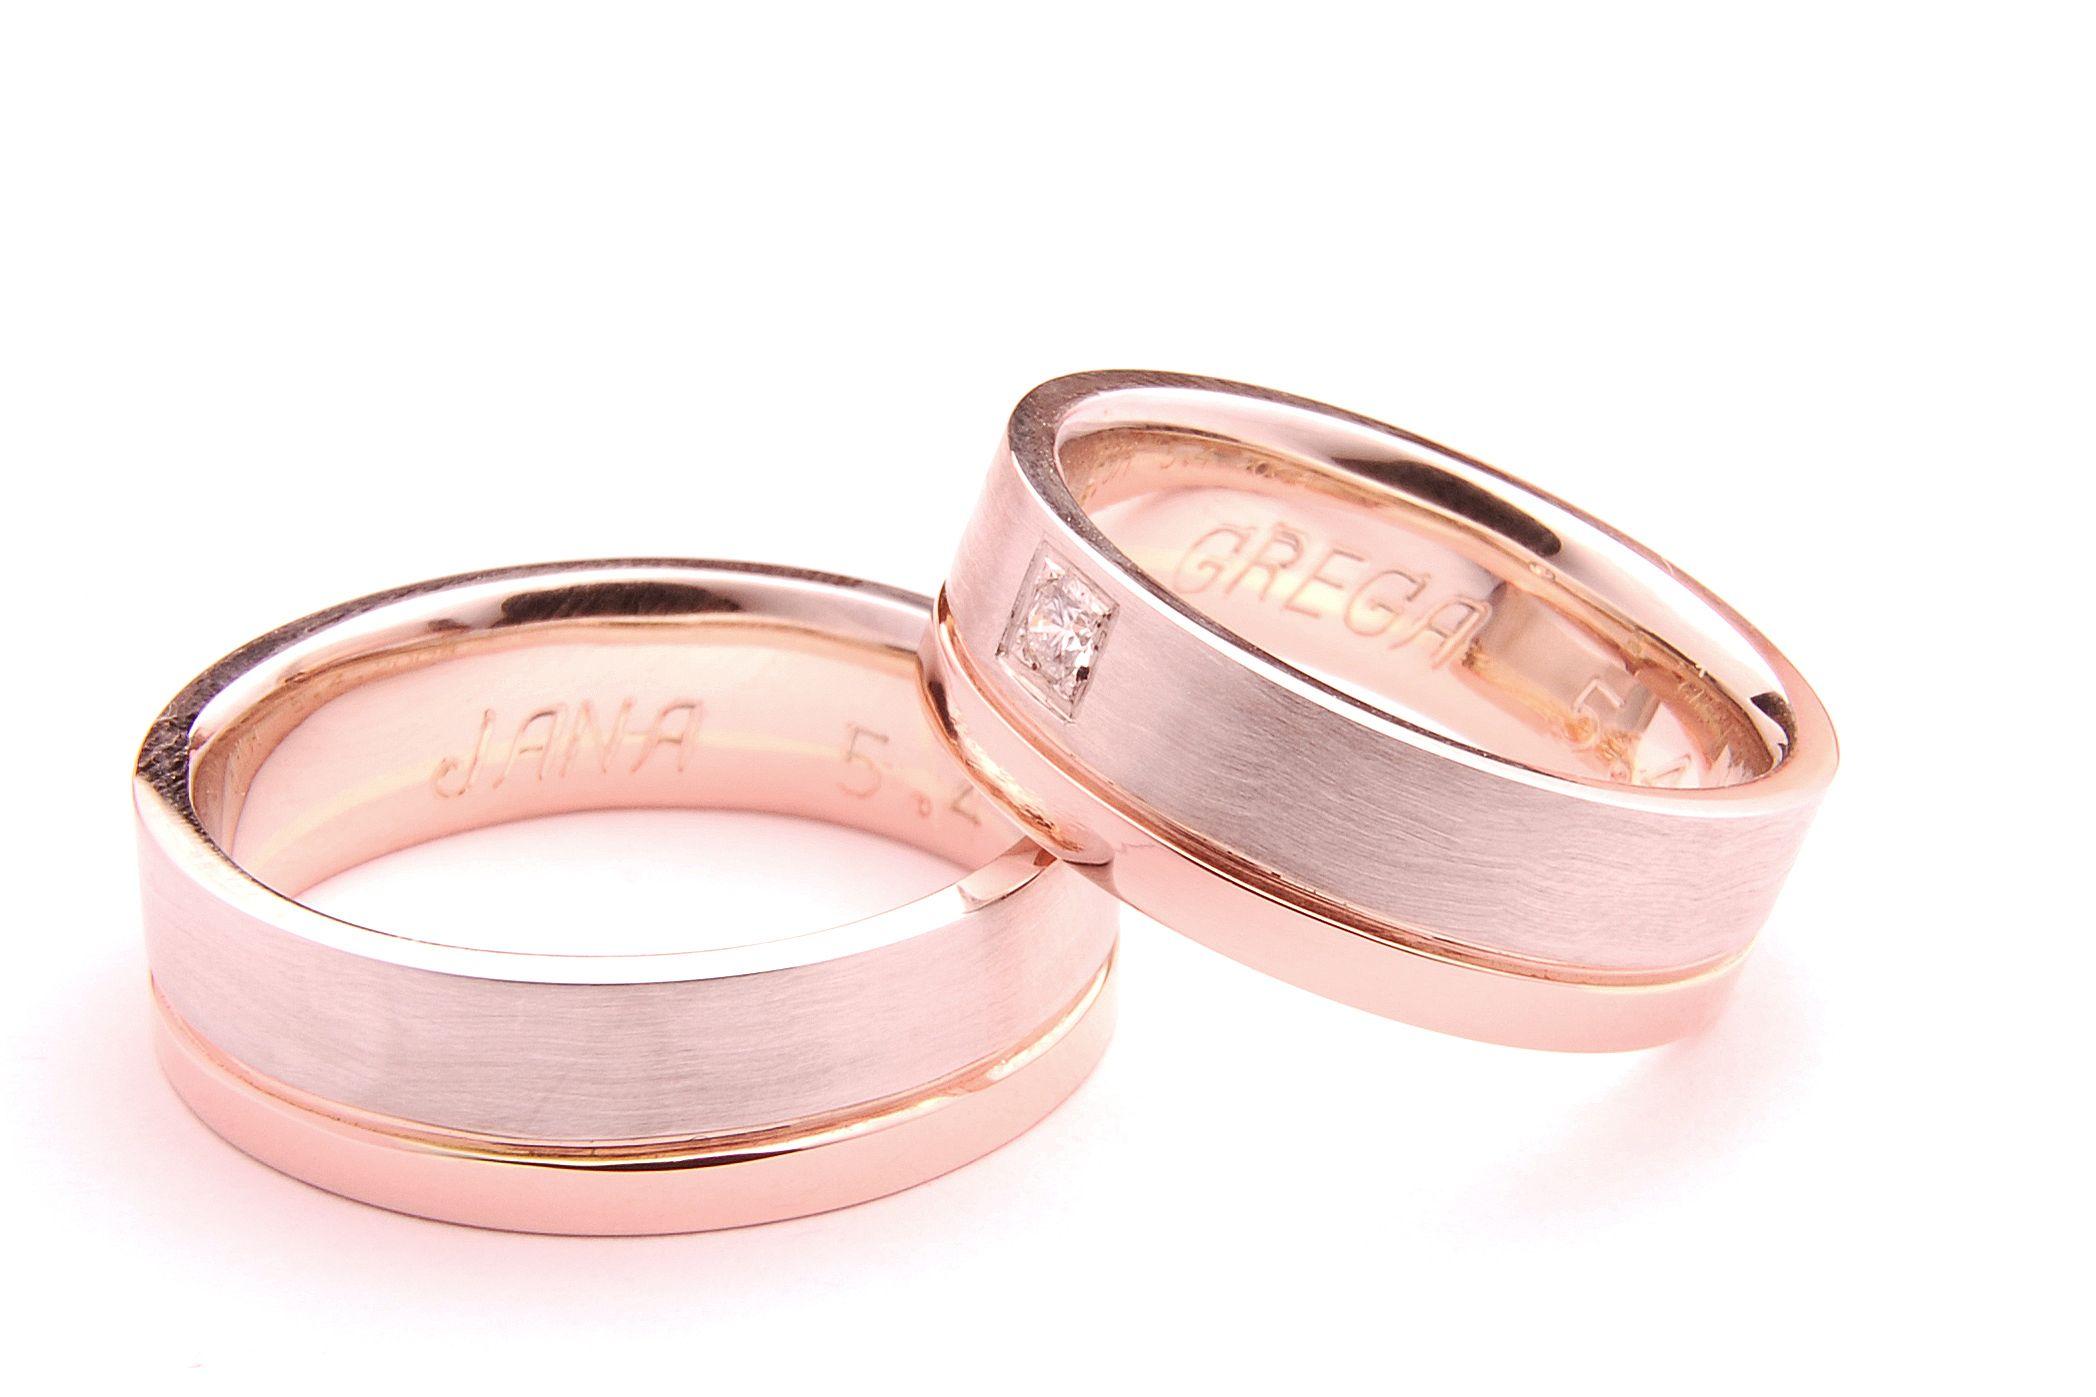 karikagyűrű   Karikagyűrűk   Pinterest   Wedding